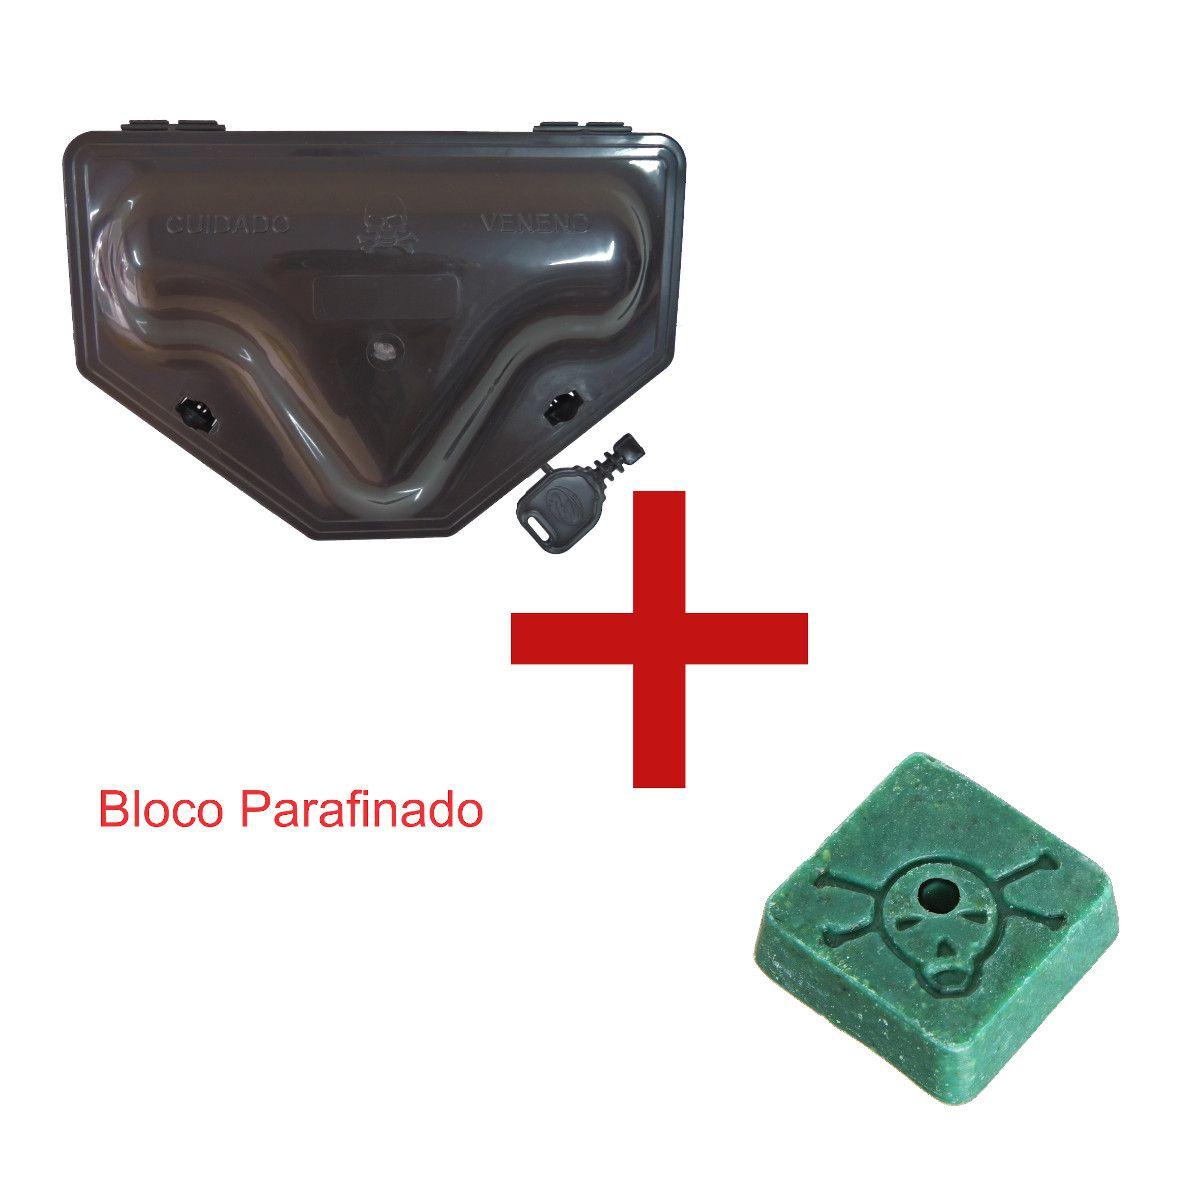 76 Porta Iscas C/ Duplo Travamento + 76 Bloco Parafinado